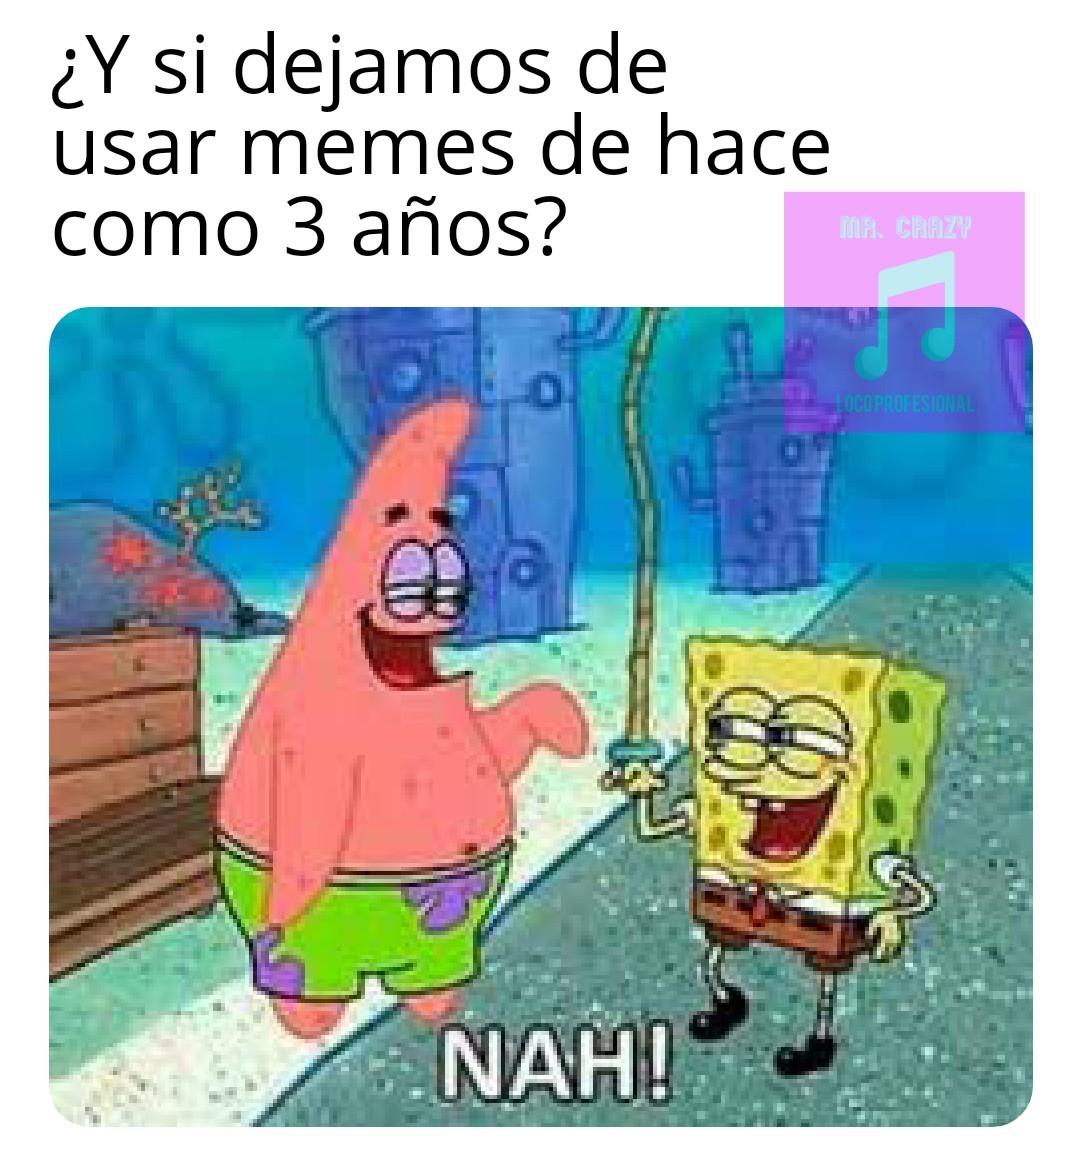 Nah - meme